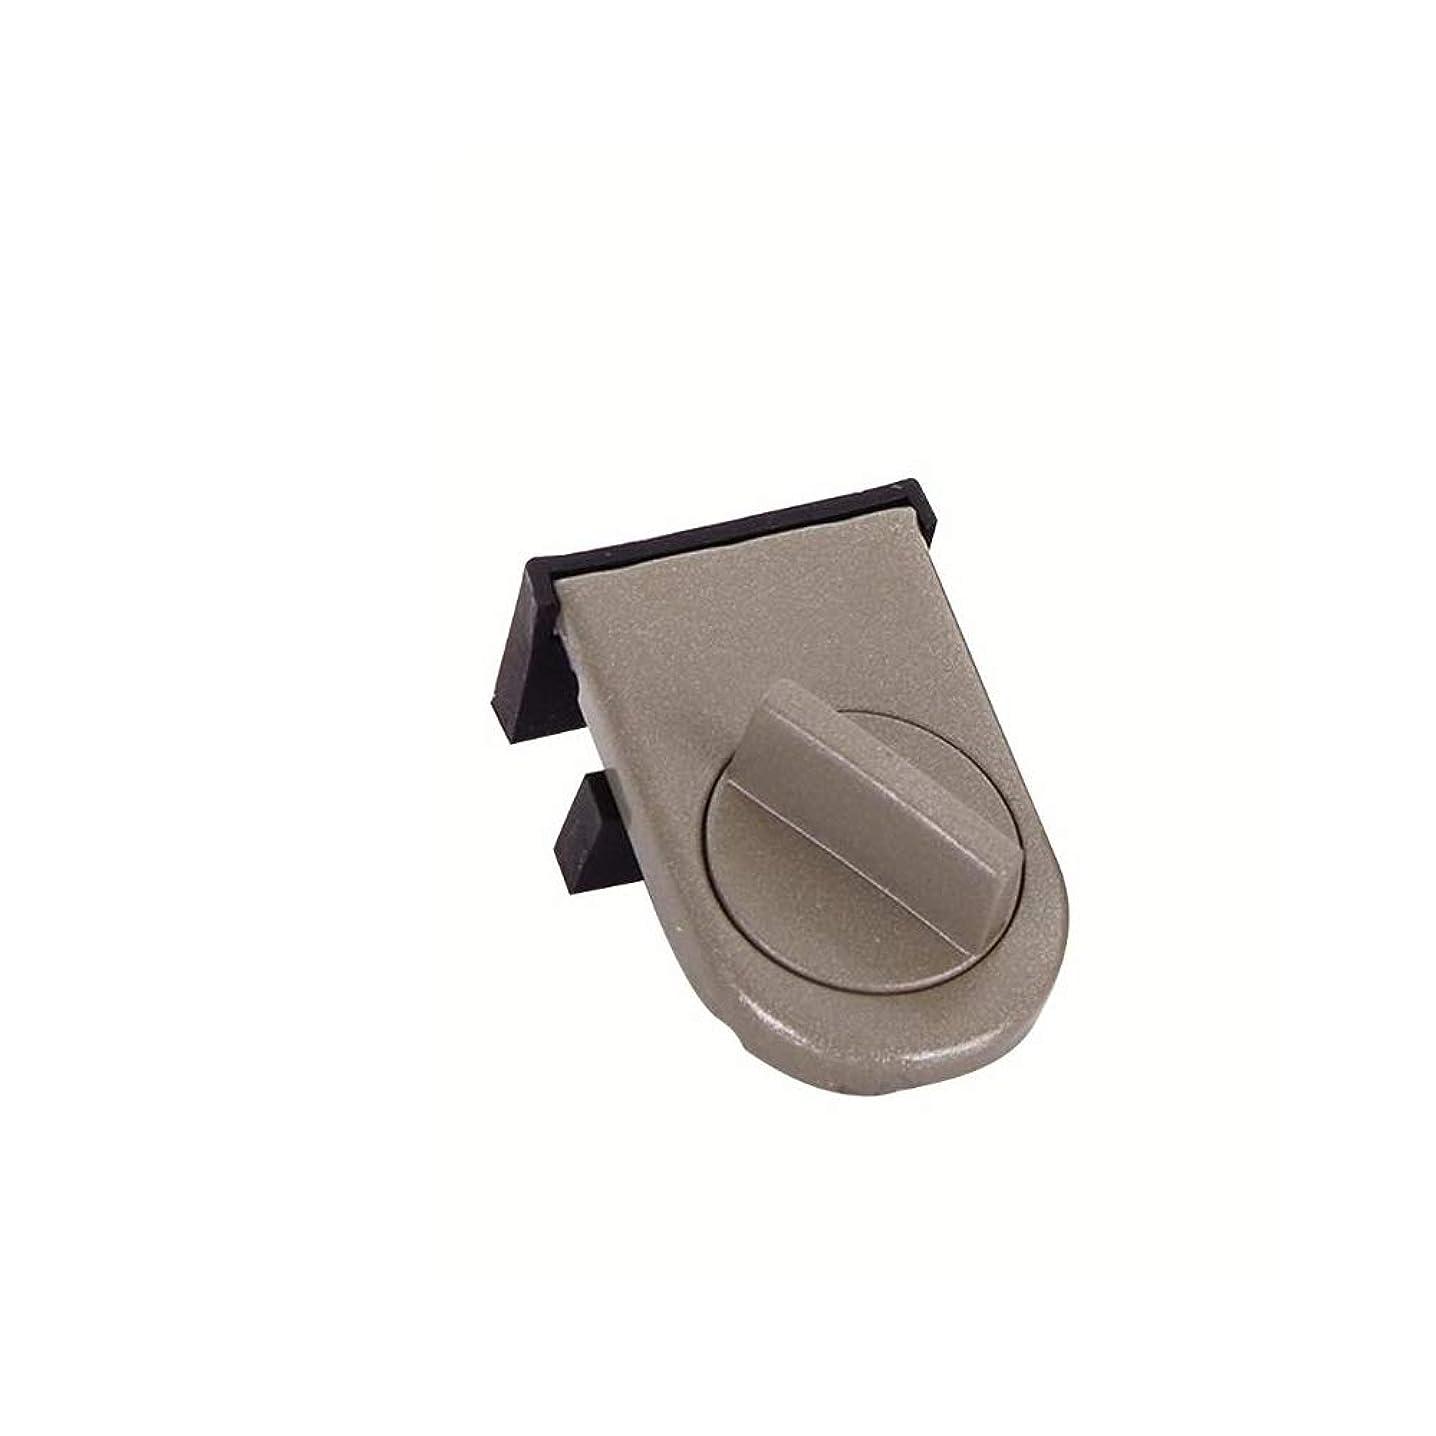 規制チューインガム知るHLLXQTYHJ 調節可能なスライド式ドアと窓セキュリティロック盗難防止保護ロック窓ストッパー